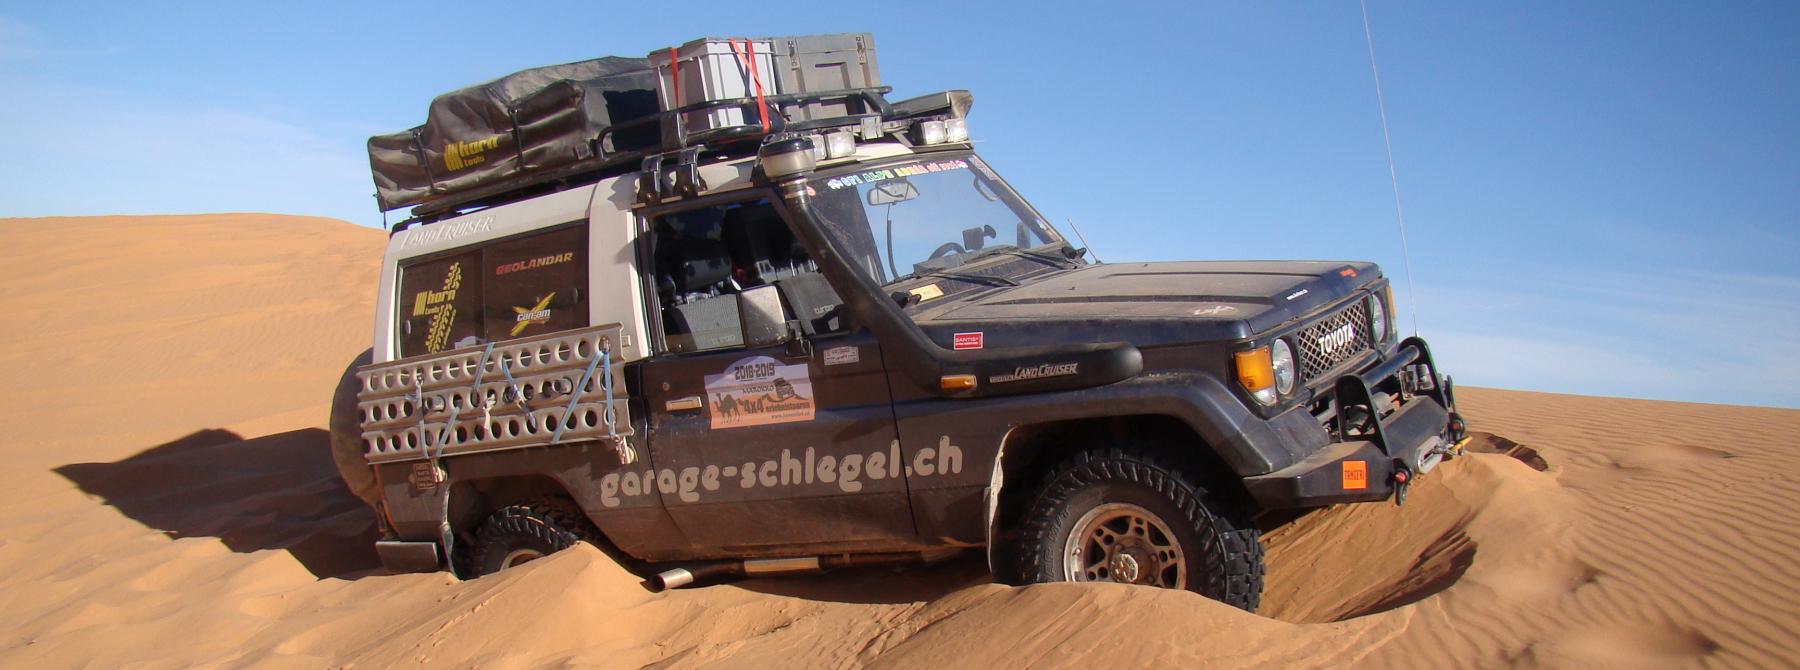 Off-Tech bietet Fahrzeugumbauten für alle Arten von Reisen